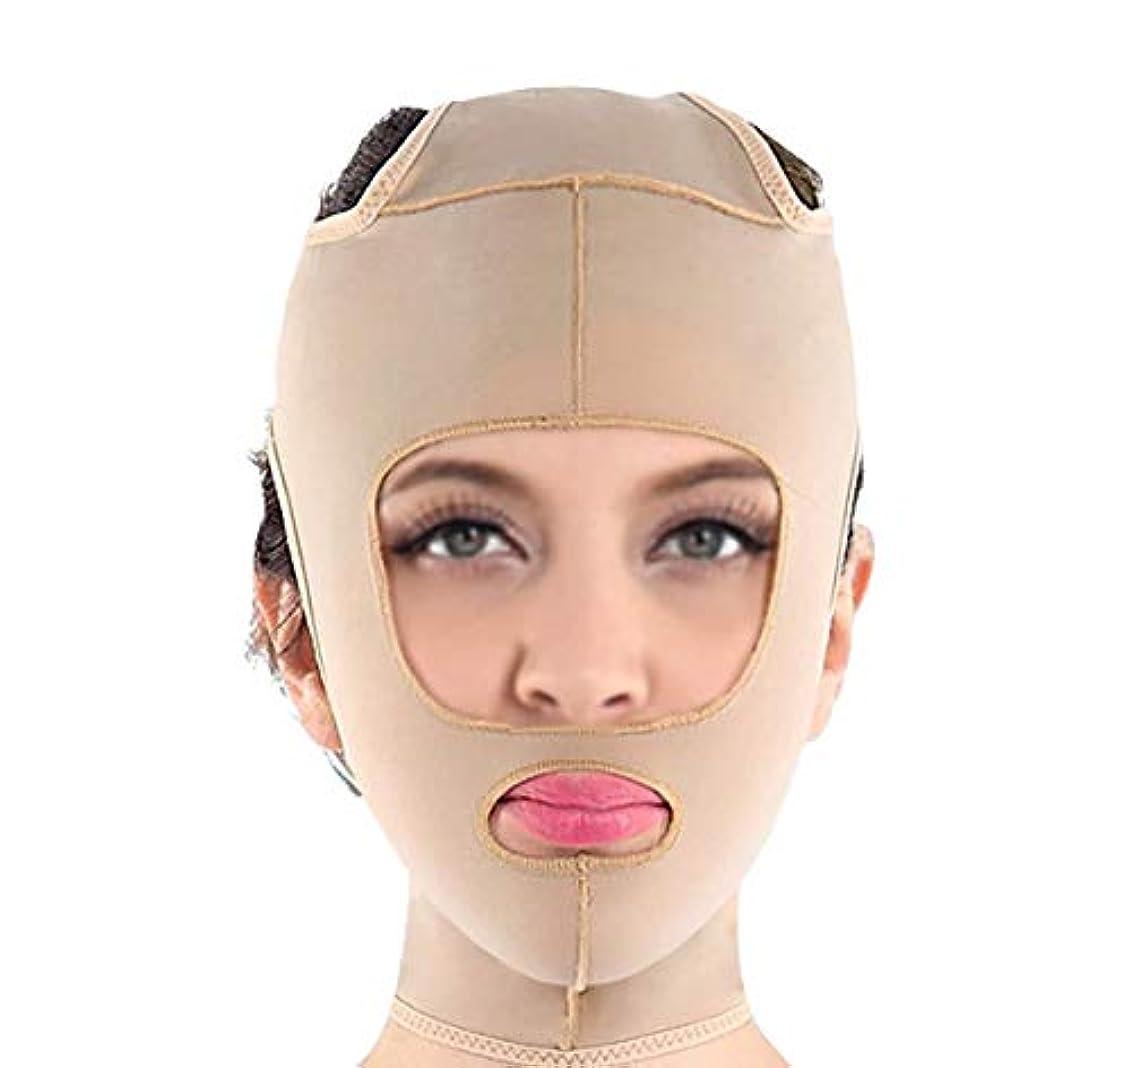 ライバル請負業者望まない包帯vフェイス楽器フェイスマスクマジックフェイスフェイシャル引き締めフェイシャルマッサージフェイシャルリンクルリフティング引き締めプラスチックマスク(サイズ:Xl),M